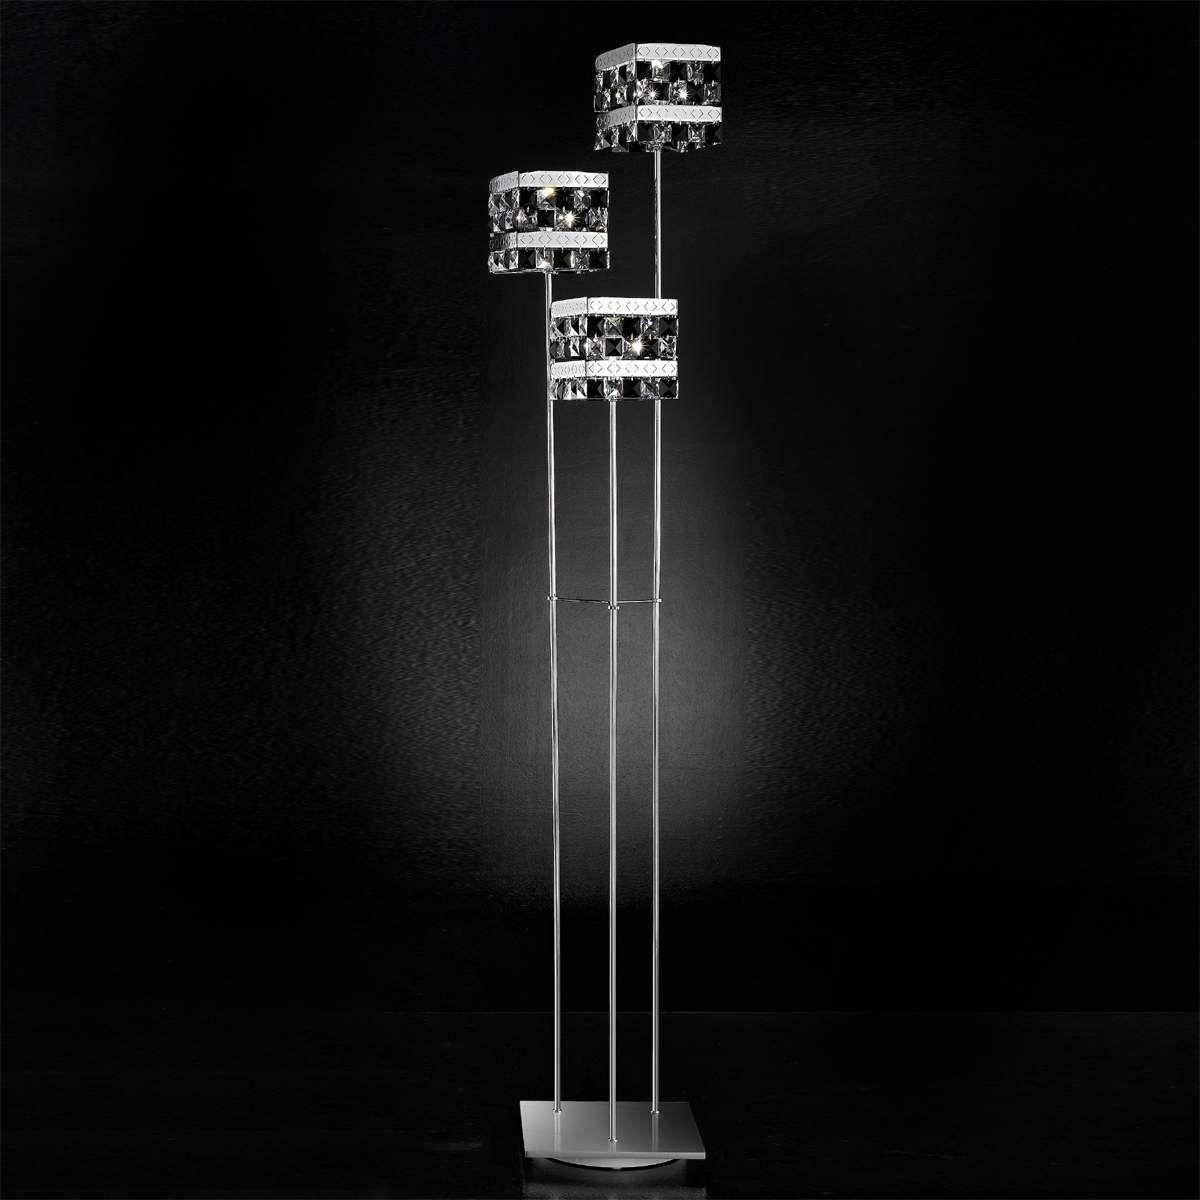 Kristall Stehleuchte Prince Von Idl Export Gartenstrahler Led Kristalle Leuchtstoffrohre